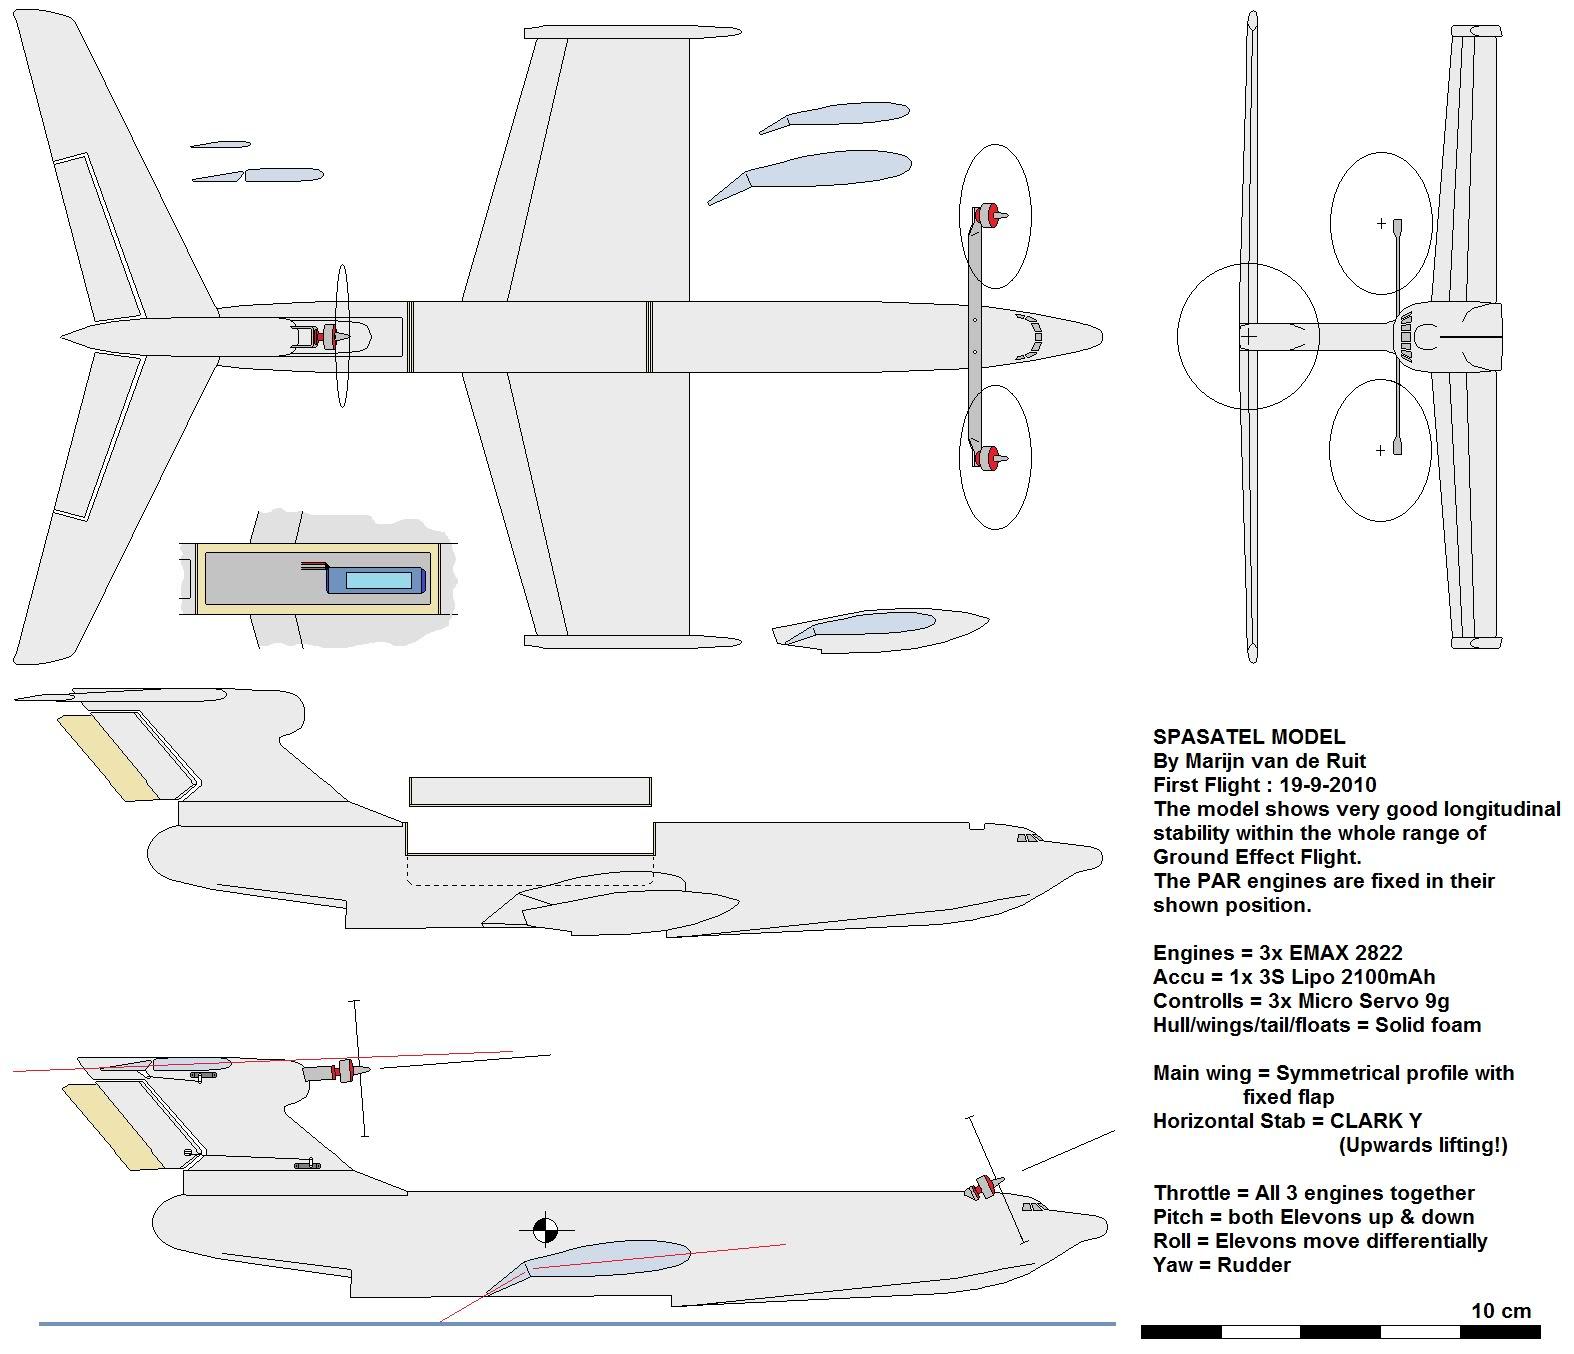 Форма центропланов и подвижных консолей крыла самолетов изменяемой геометрии (кроме в-1, масштаб 1 :200)